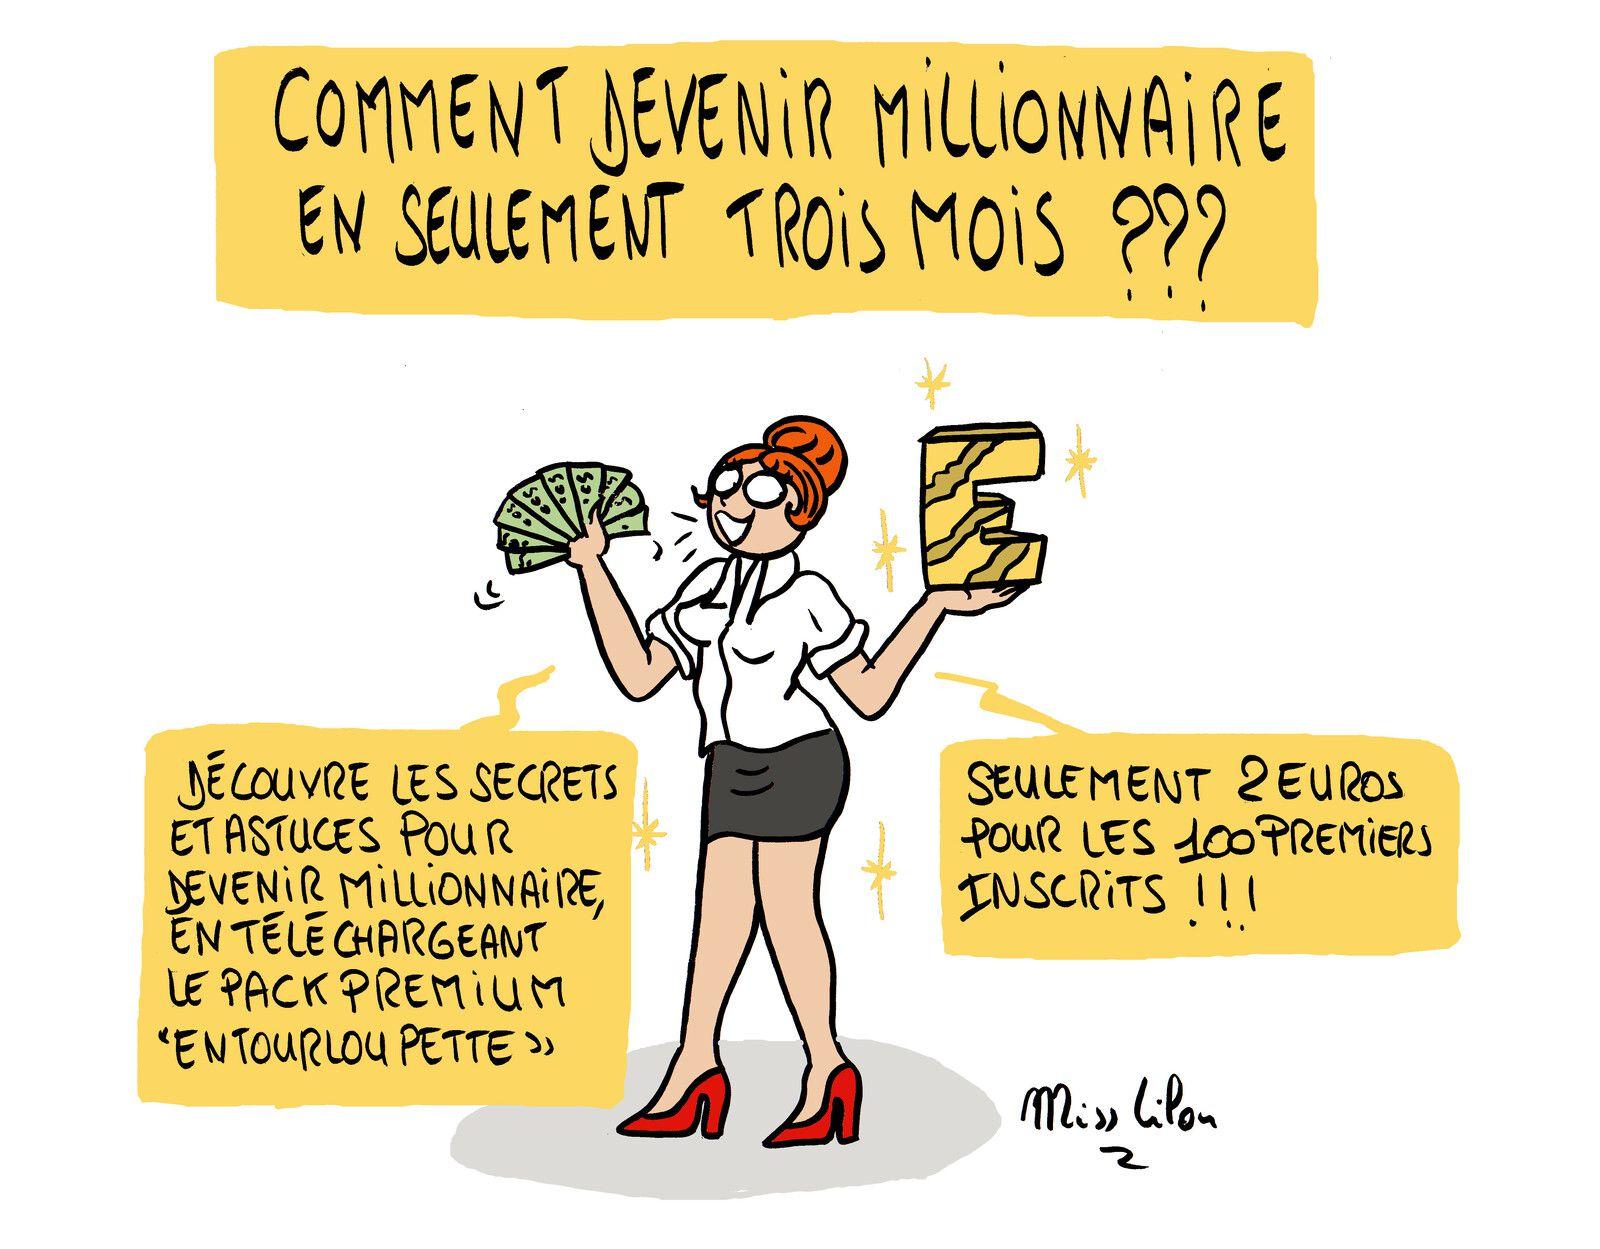 """PUBLICITE : """"Comment devenir millionnaire en seulement trois mois ???"""""""